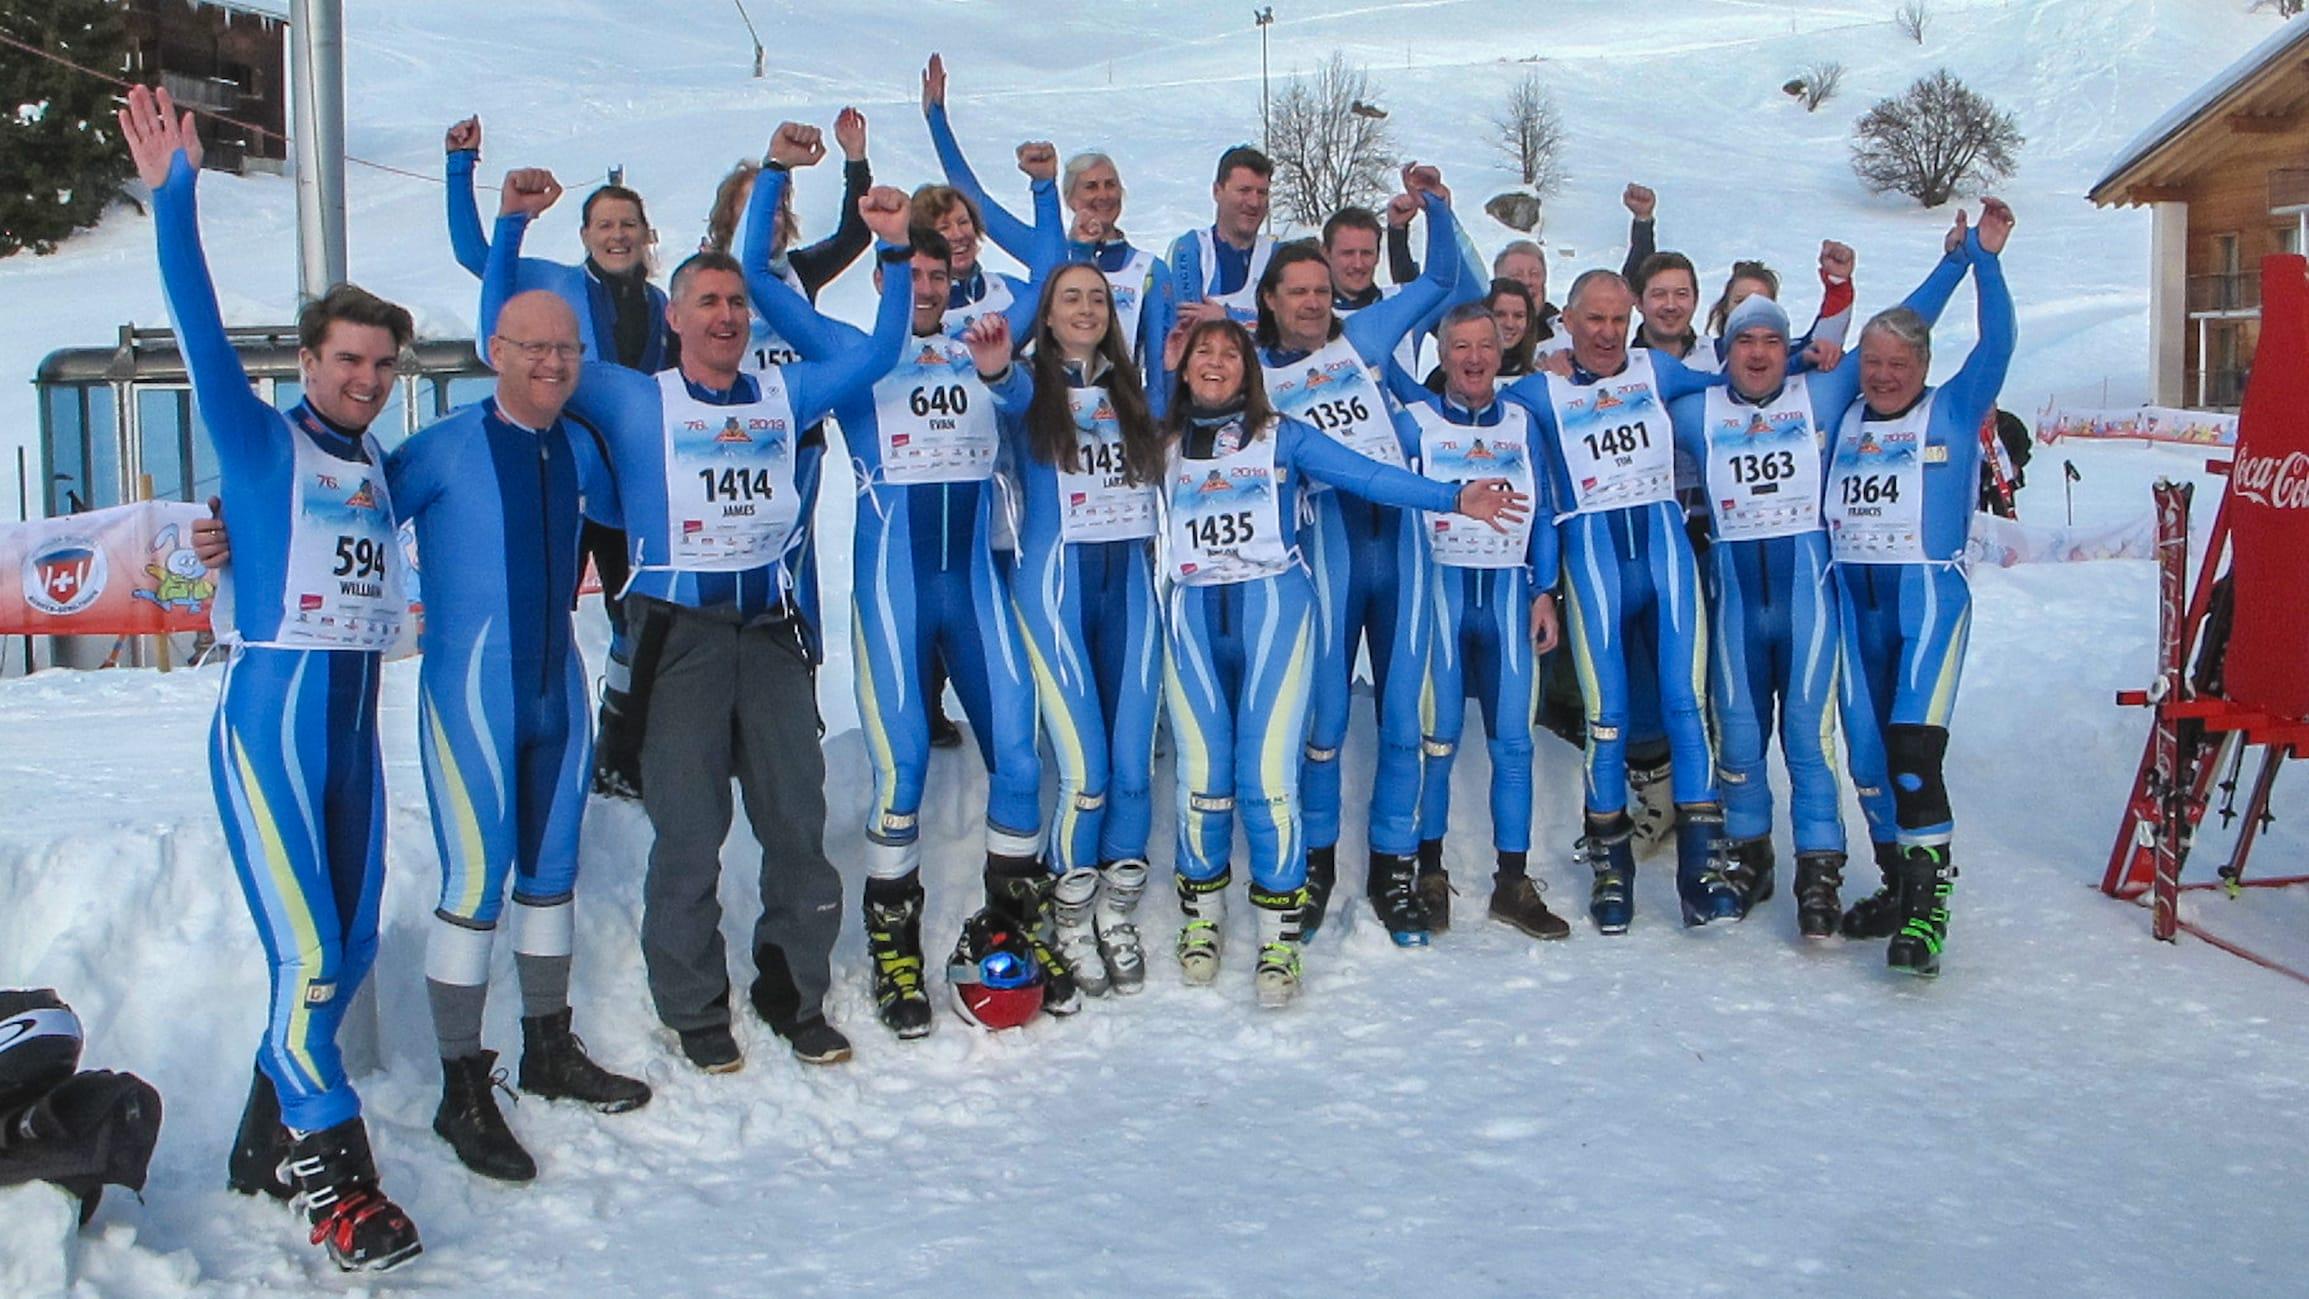 Downhill Only Ski Club, Jahreszeit, Skigebiet-Grindelwald-Wengen, Stories, Wengen, Winter, jungfrau.ch